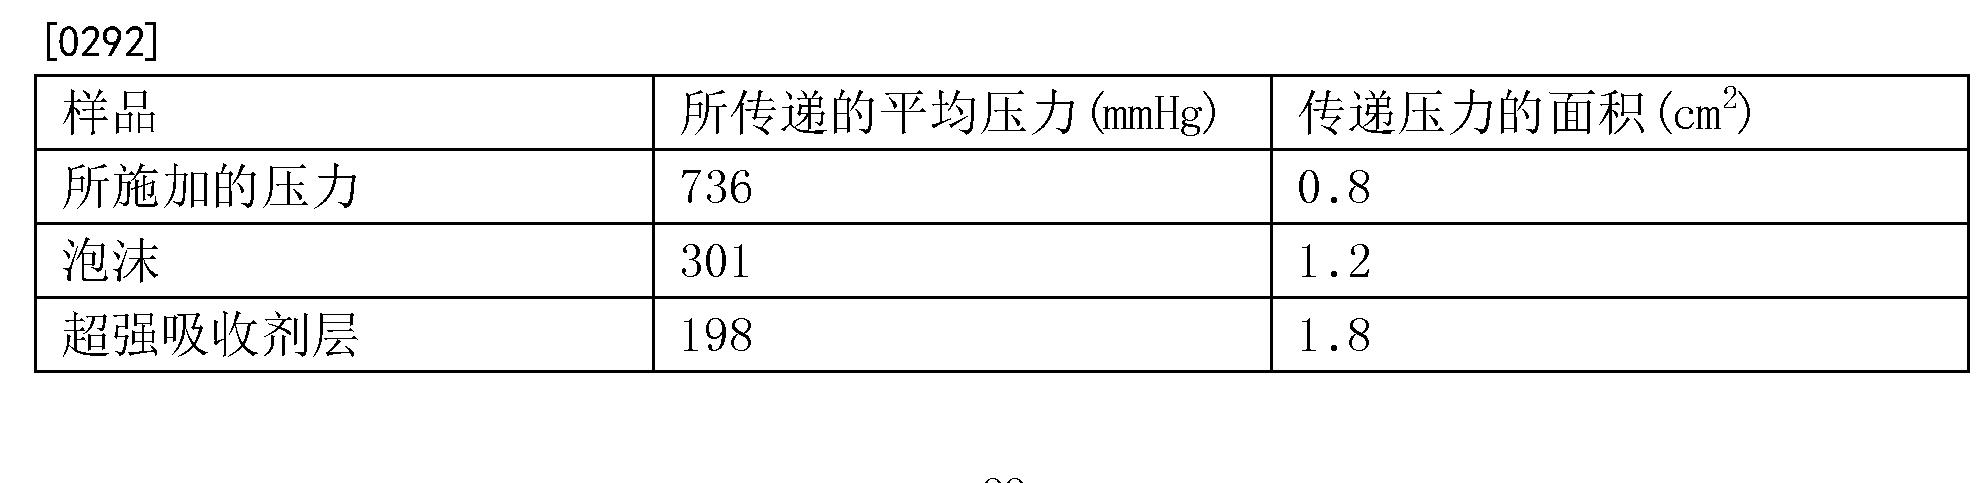 Figure CN103857365BD00222